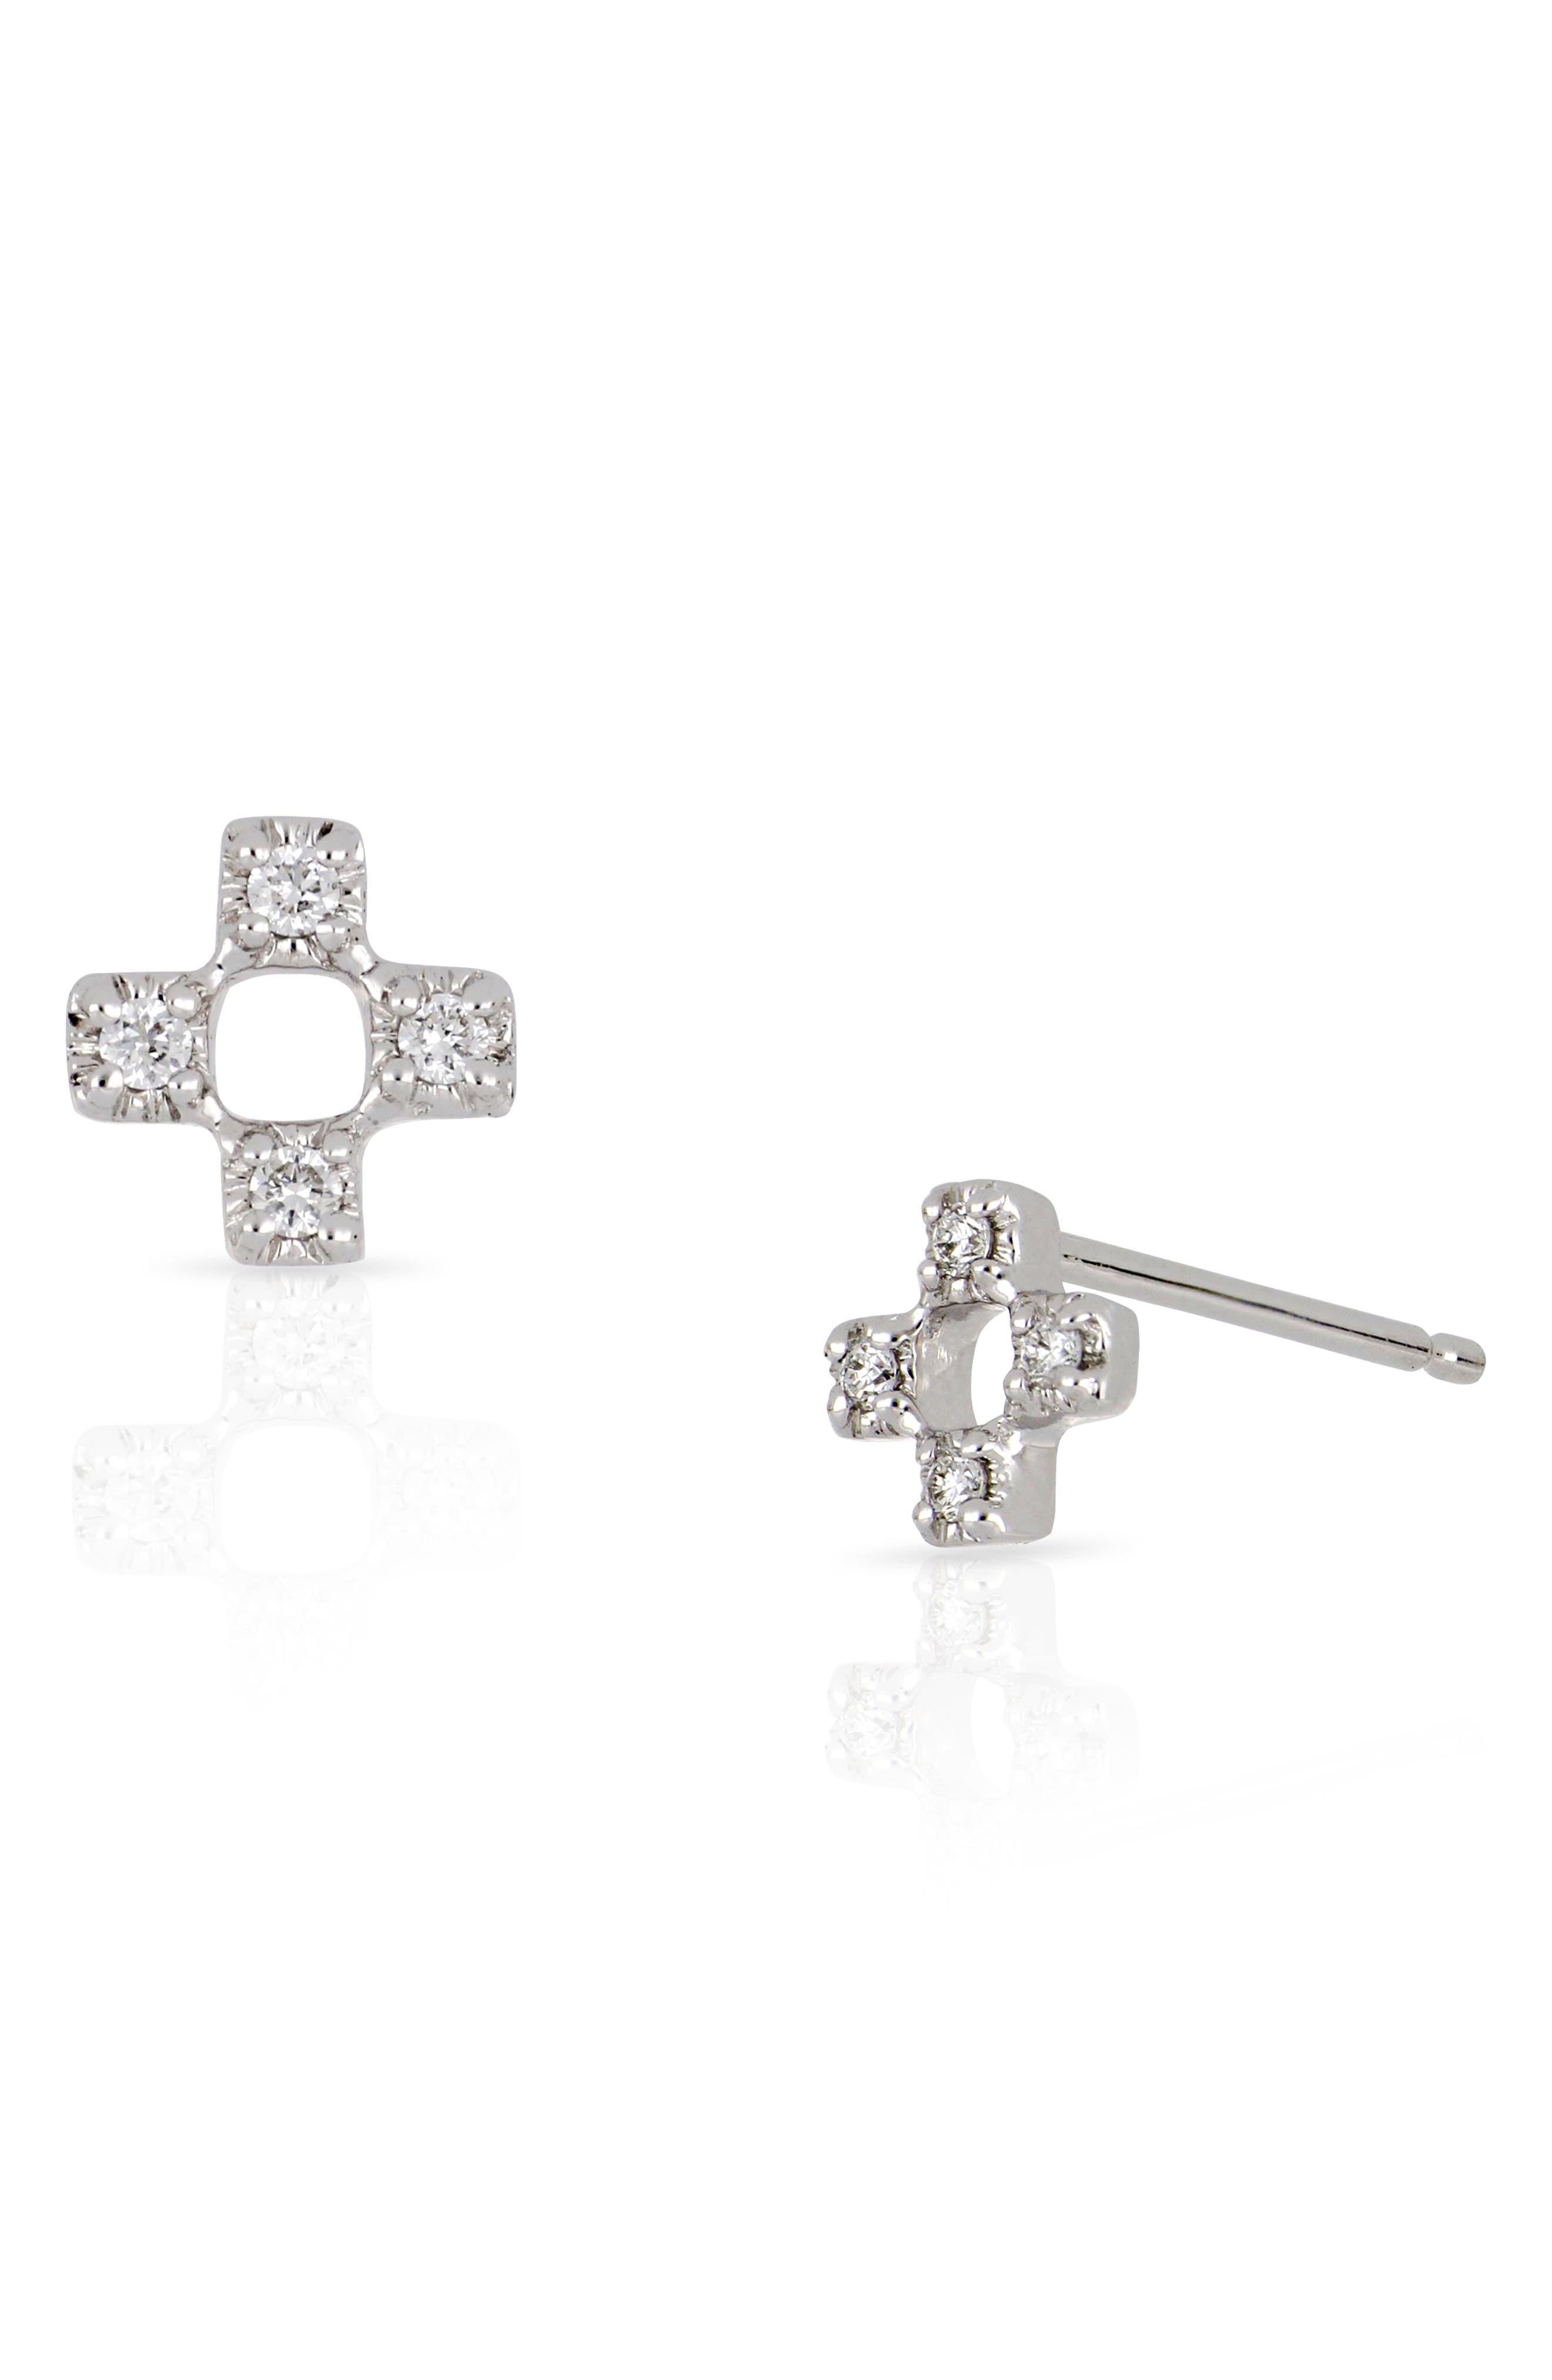 Open Square Diamond Earrings,                             Main thumbnail 1, color,                             White Gold